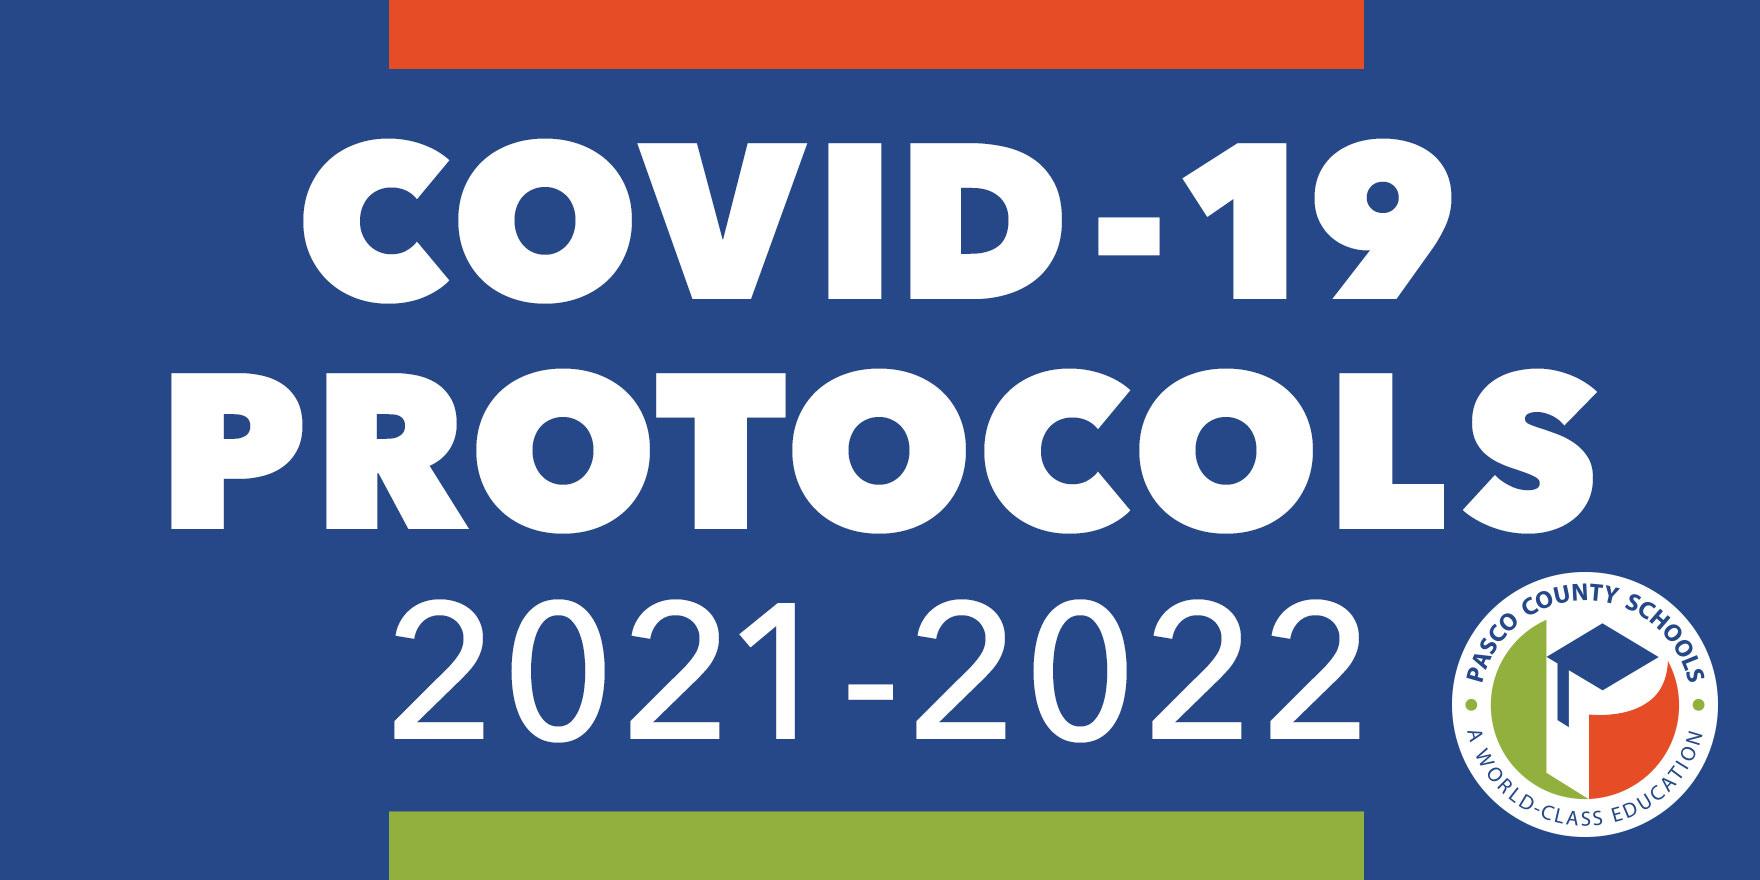 Covid-19 protocols 2021-2022